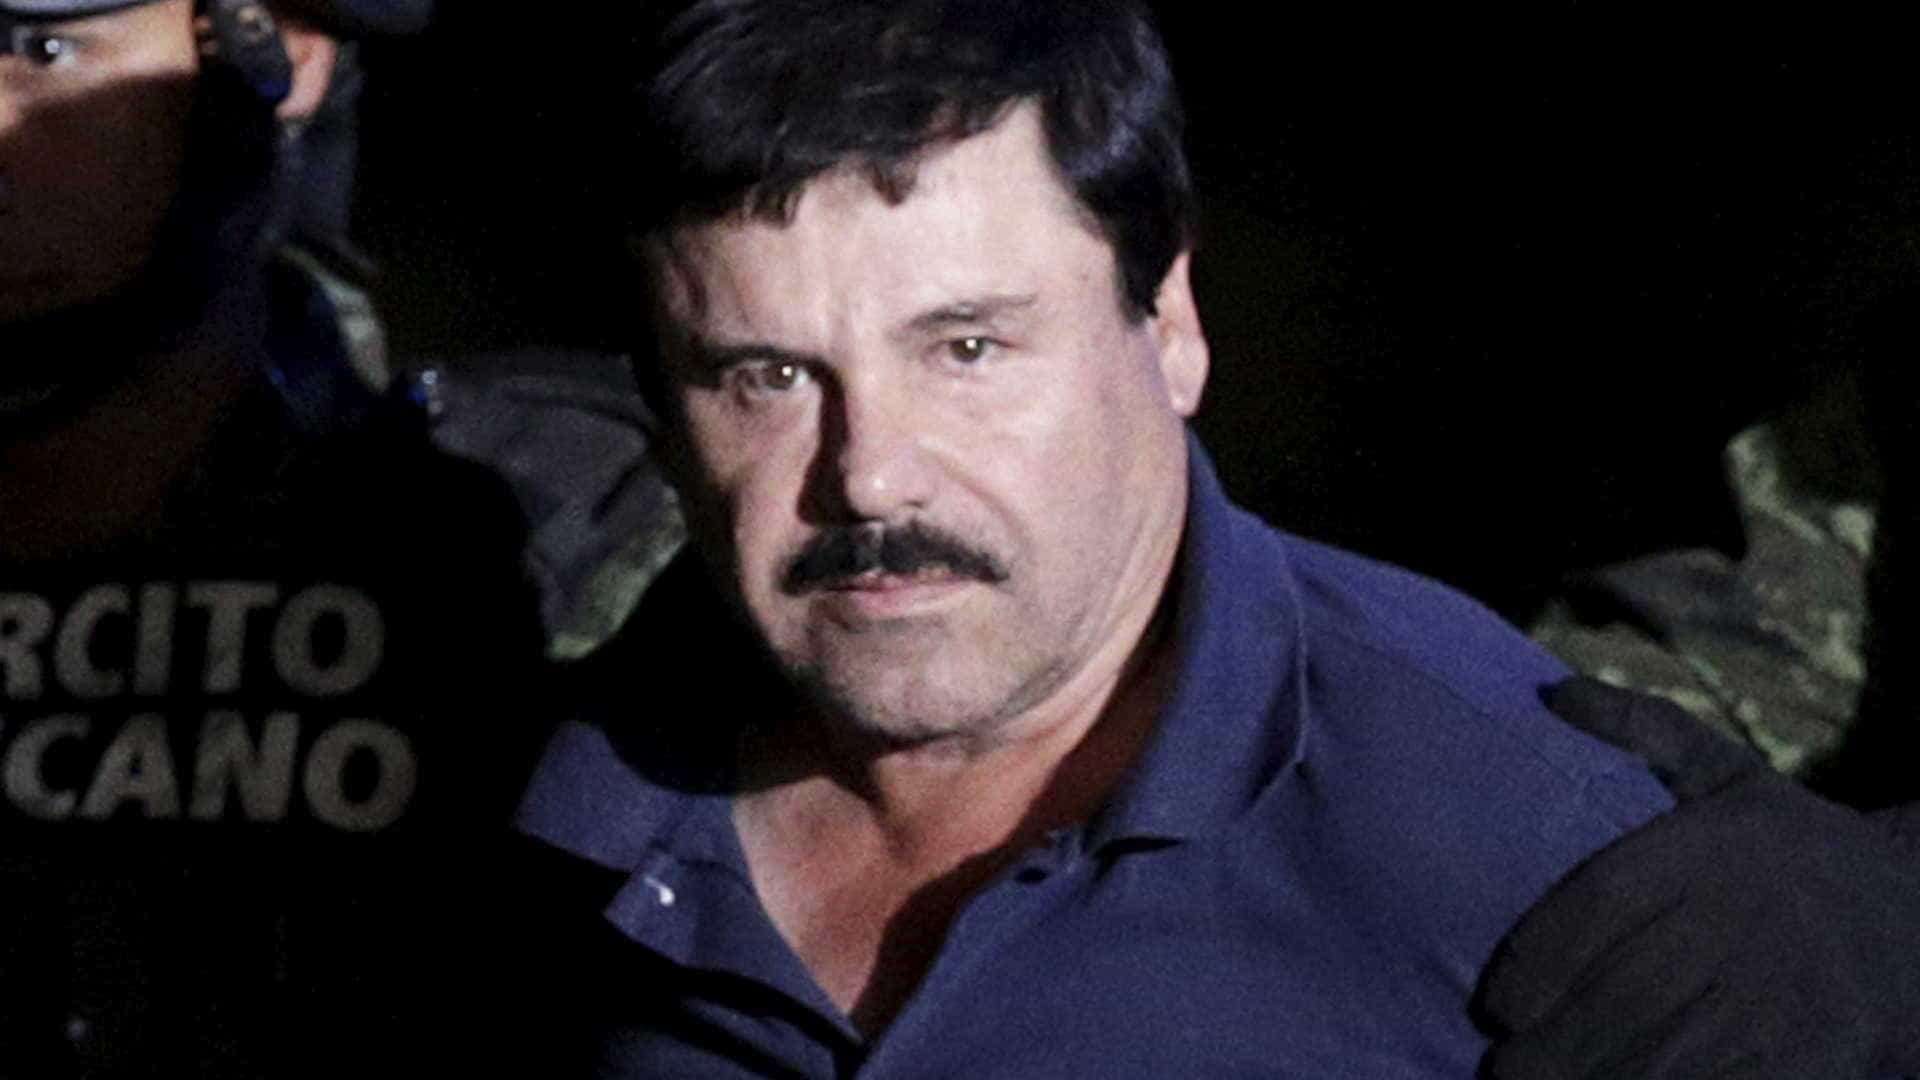 """narcotrafico: """"el chapo"""" condenado a prisão perpétua - El chapo - Narcotrafico: """"El Chapo"""" condenado a prisão perpétua"""